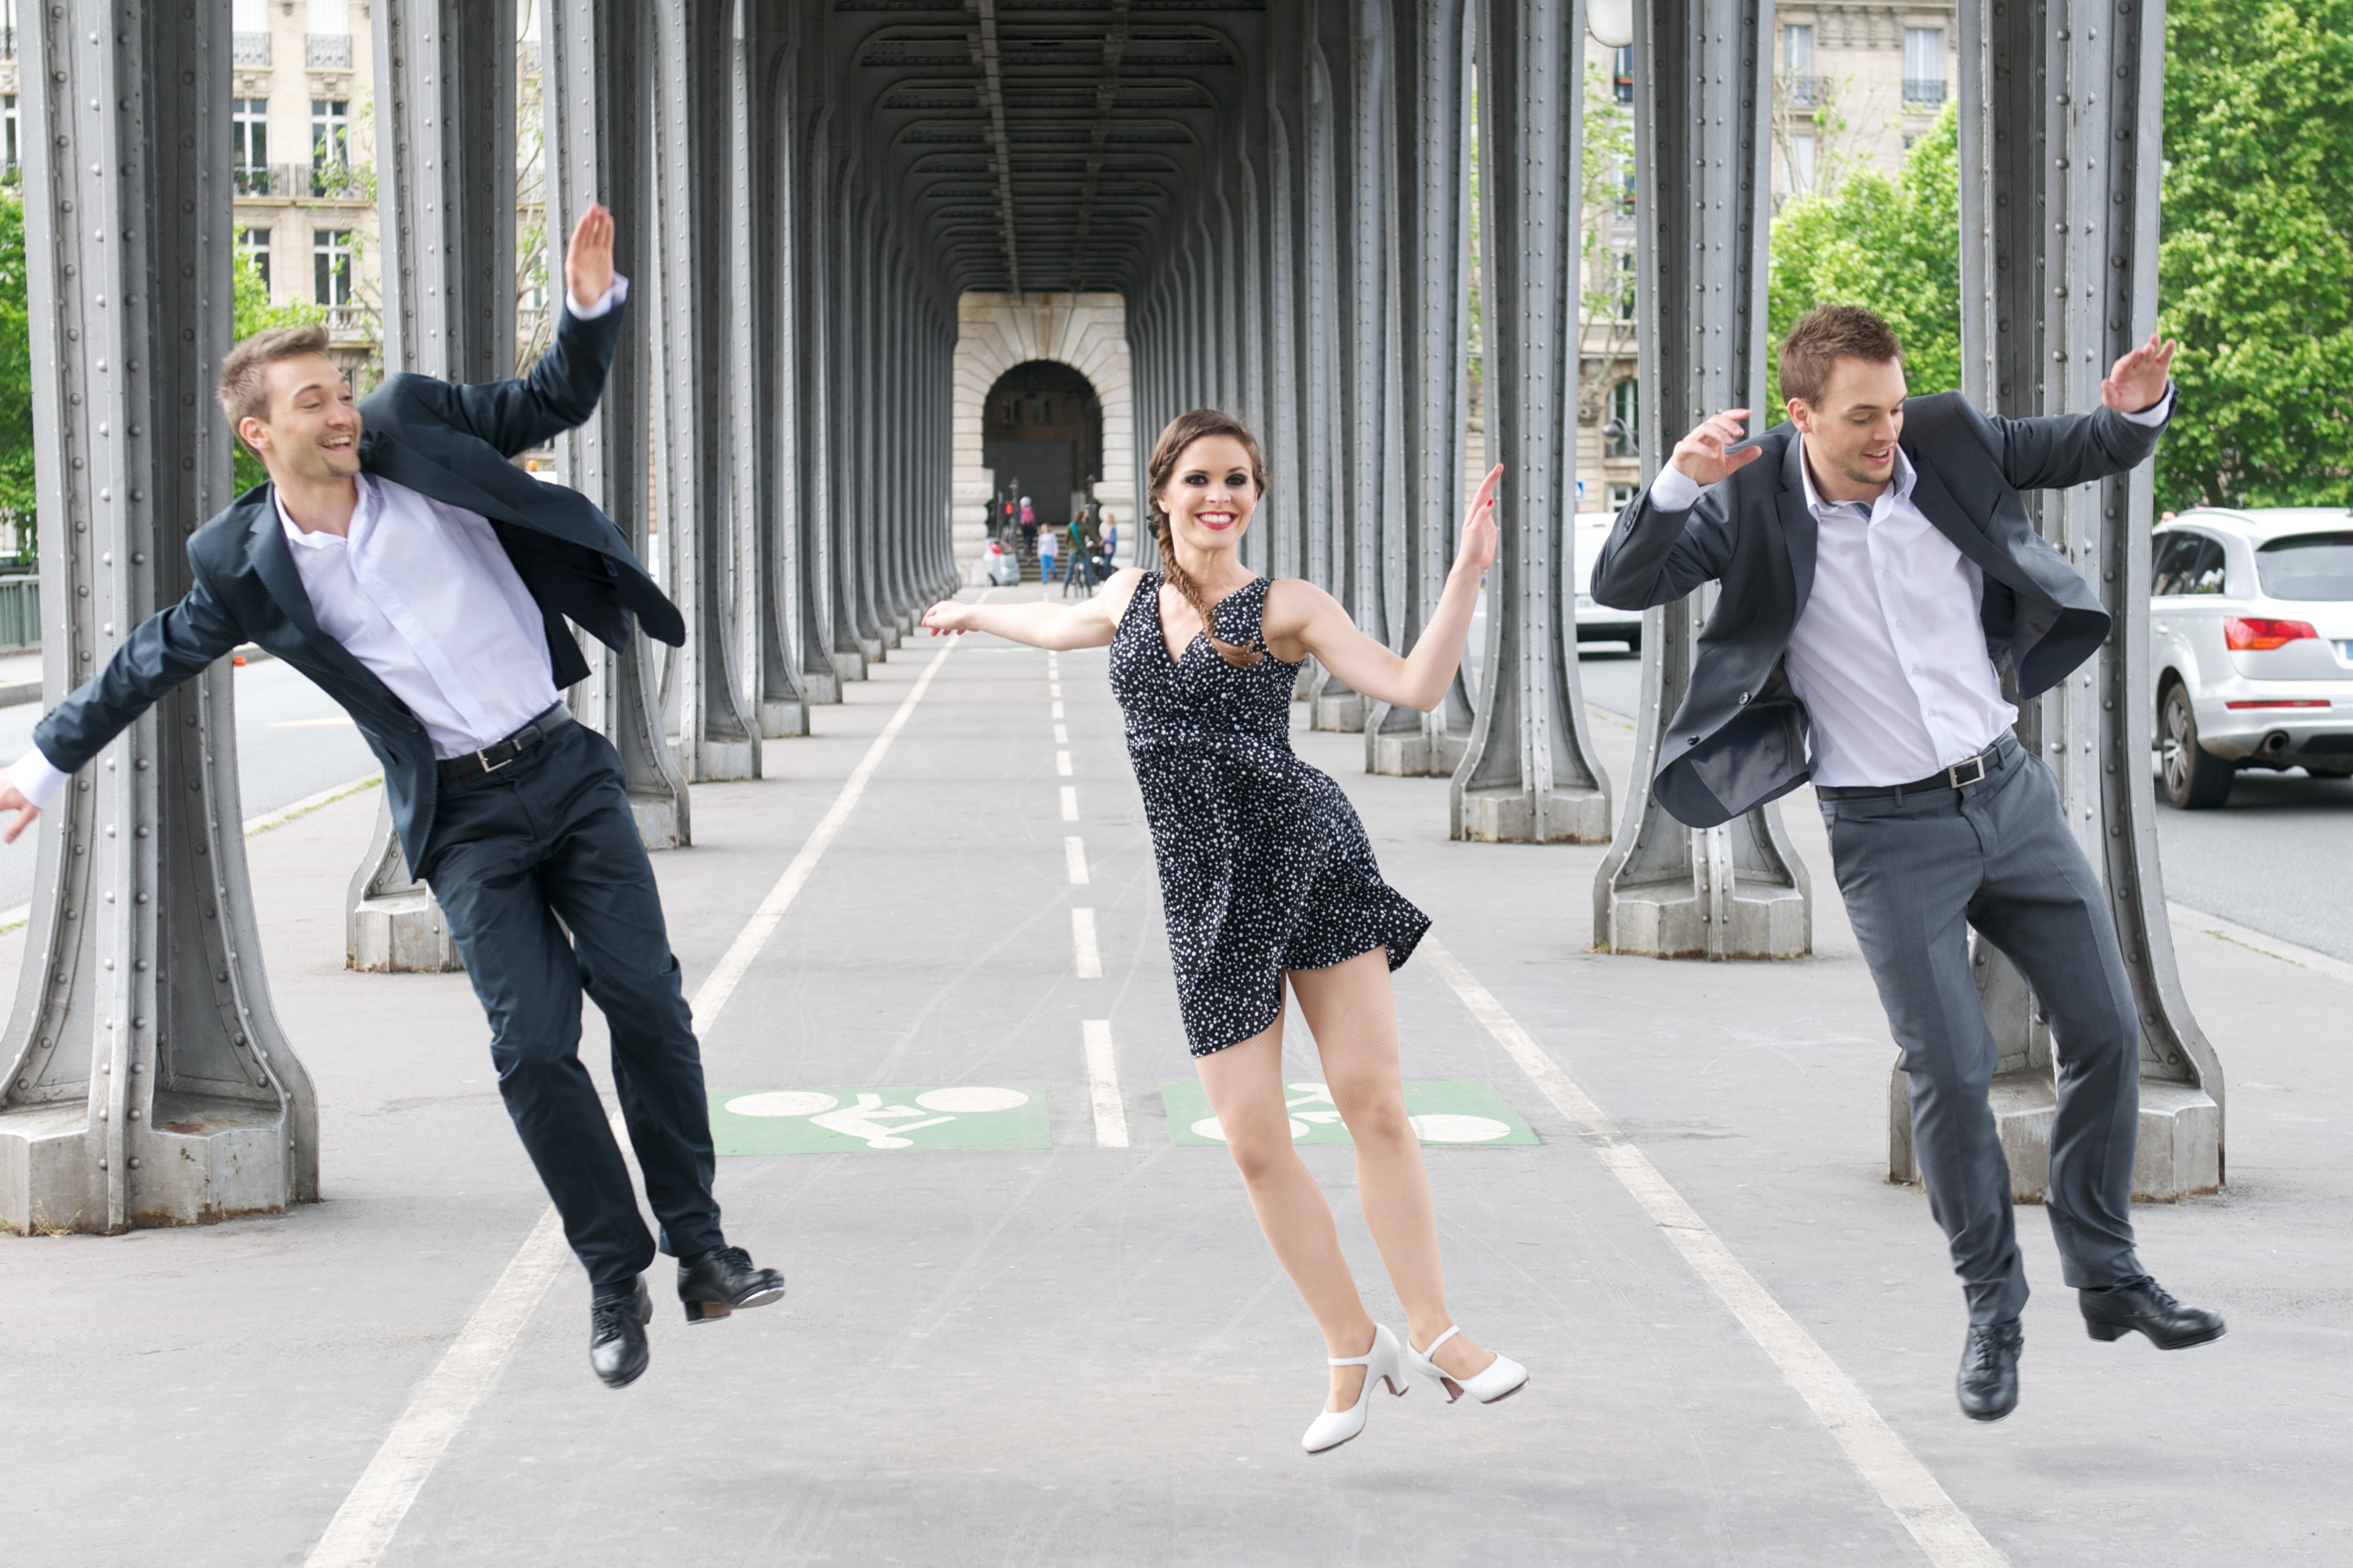 Tournage Slyde Dance Paris